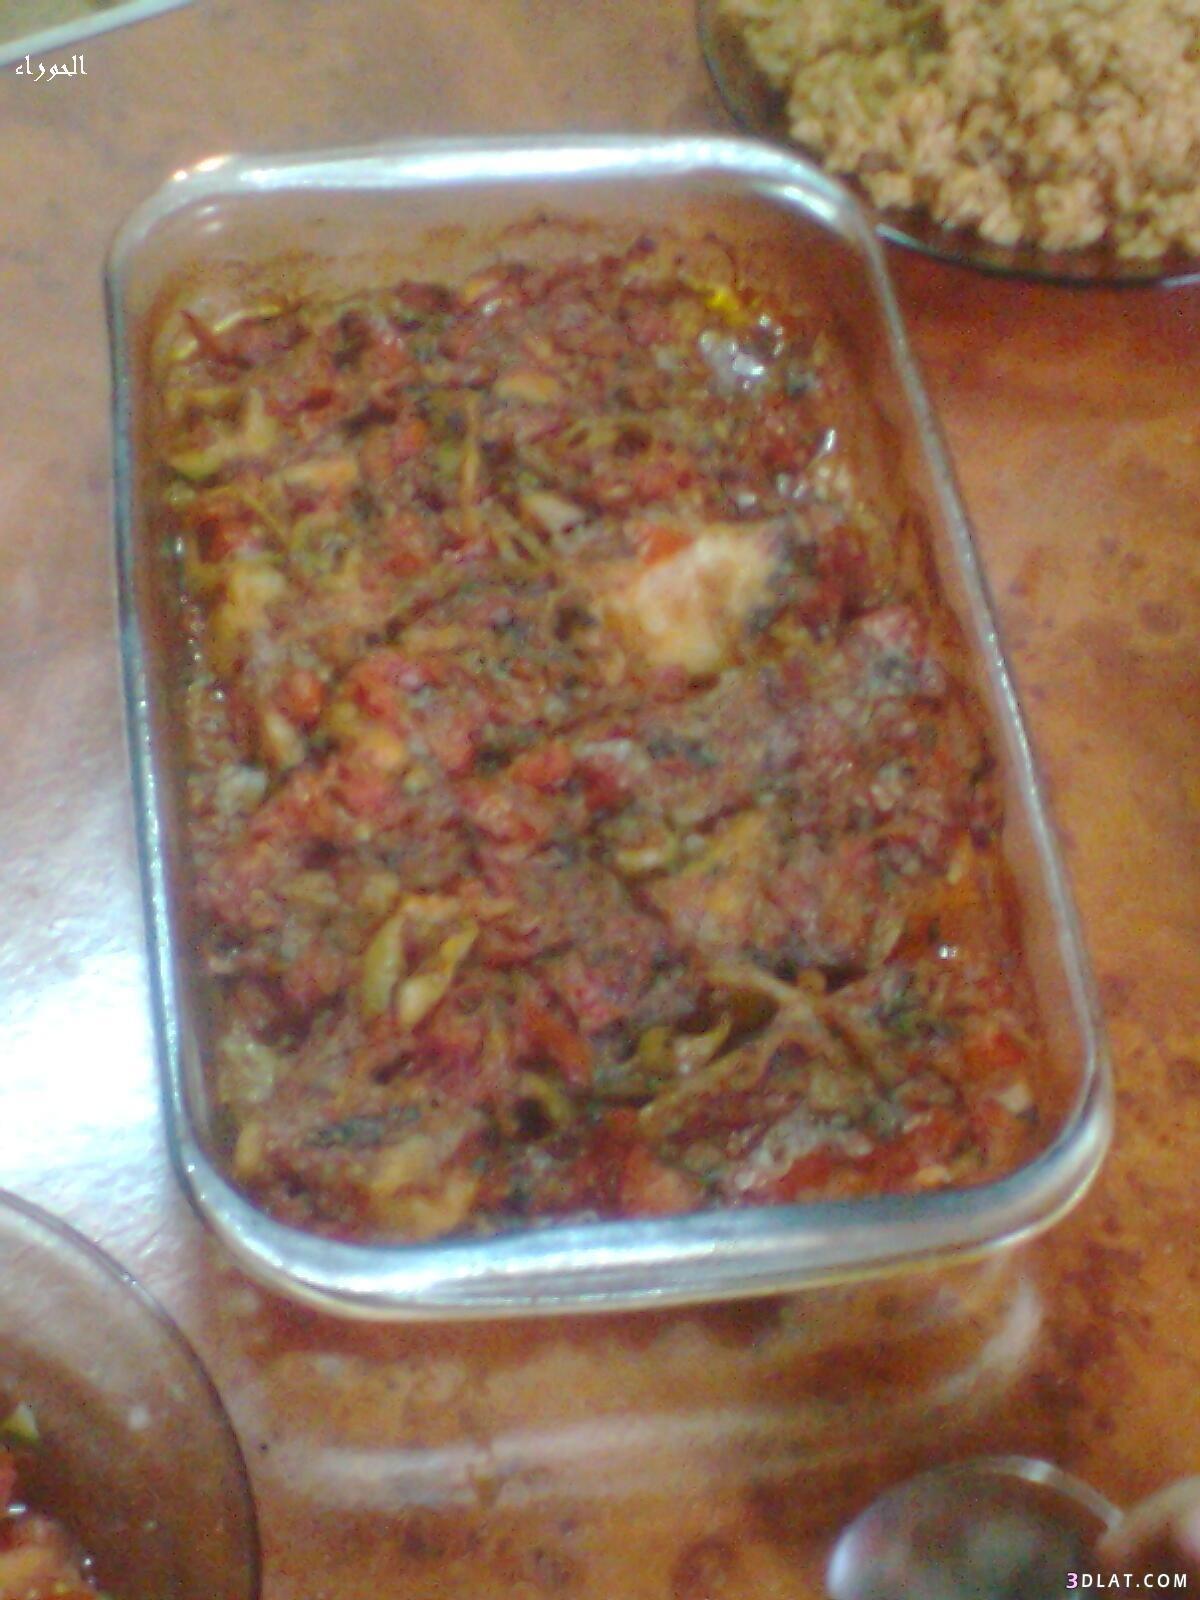 صينية سمك فيليه طريقة عمل السمك الفيليه سمك فيليه من مطبخ الحوراء Food Fish And Seafood Recipes